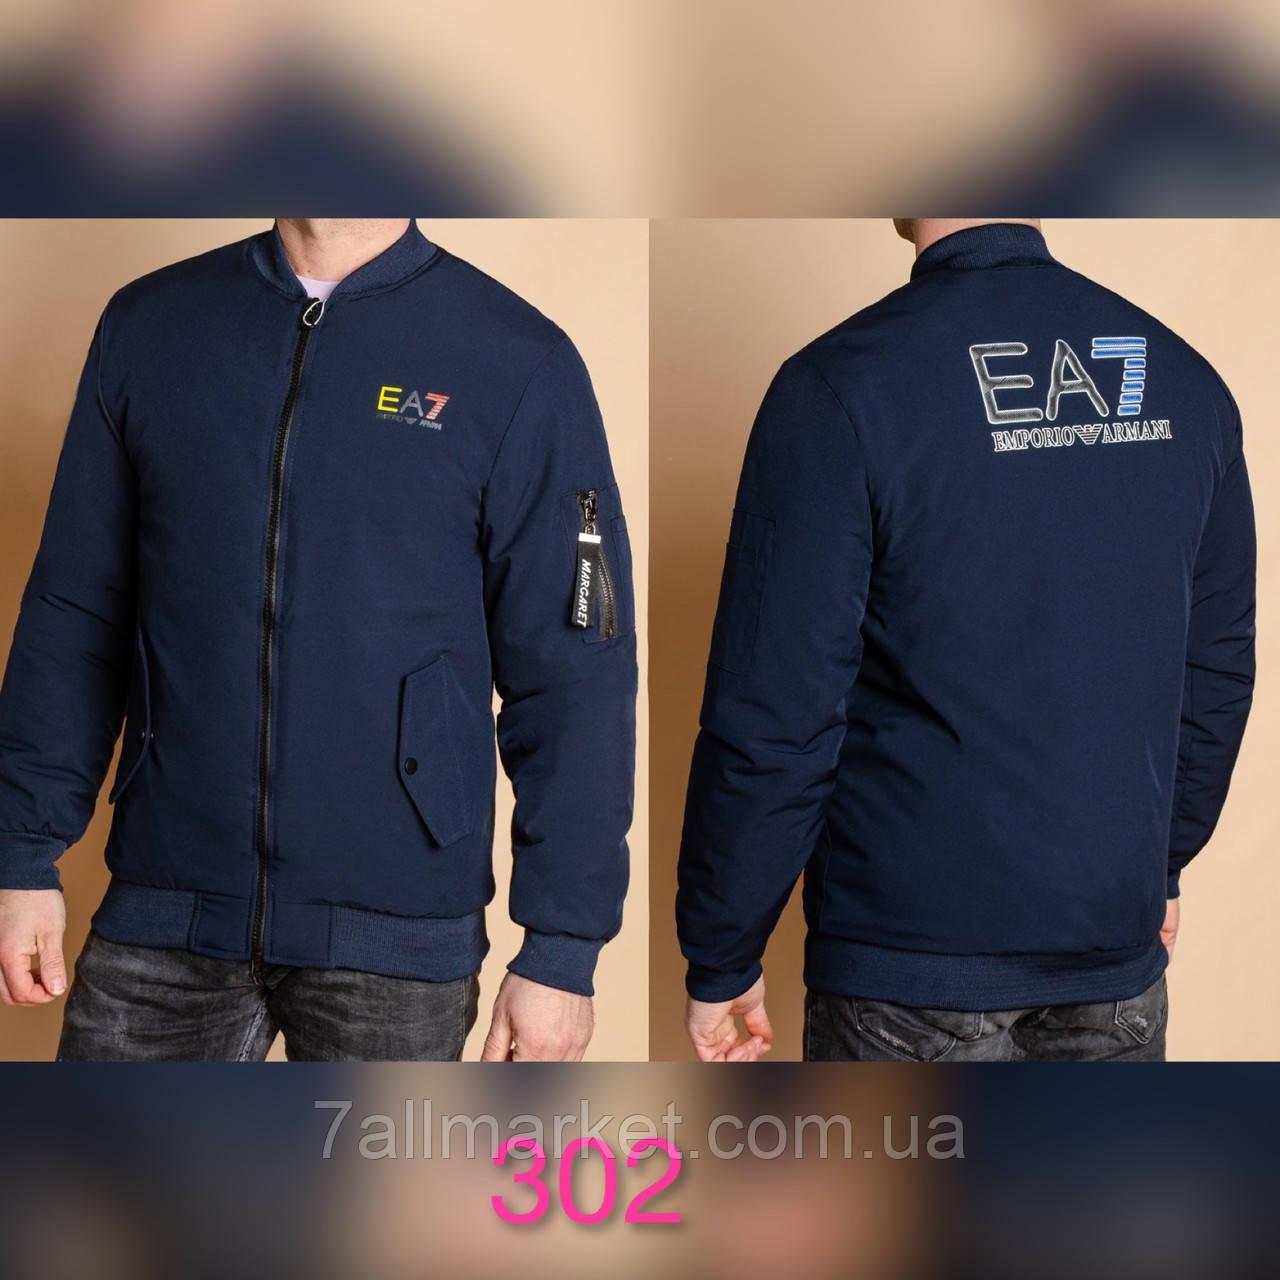 """Куртка-бомбер мужская демисезонная, размеры 48-56 (3цв) """"SPRING"""" недорого от прямого поставщика"""